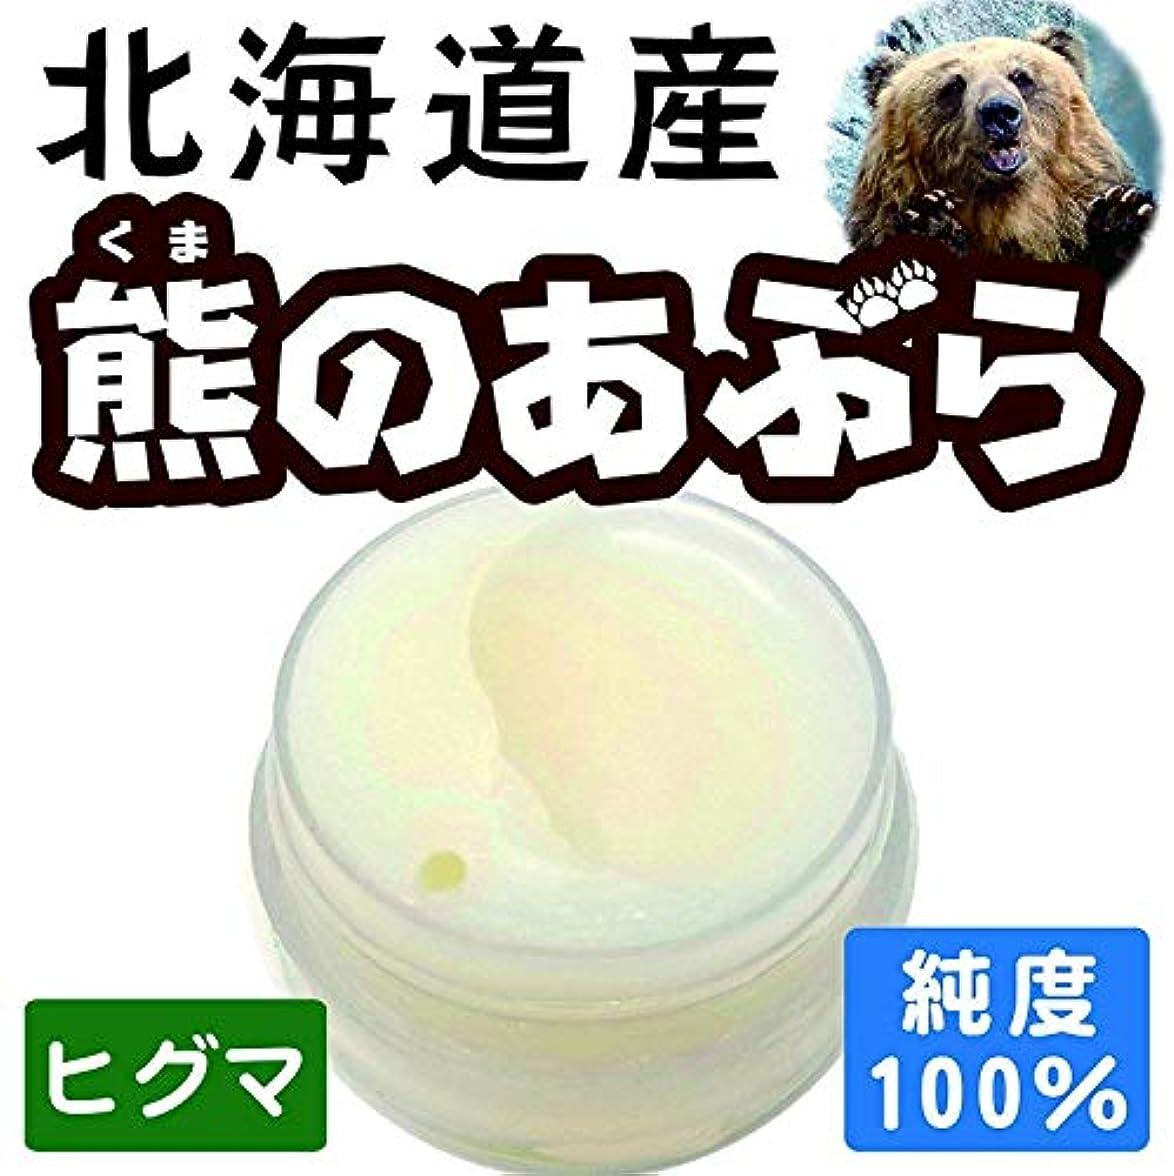 熊のあぶら 熊の脂 熊油 熊の油 15g 【北海道産】【ヒグマ】【天然成分100%】